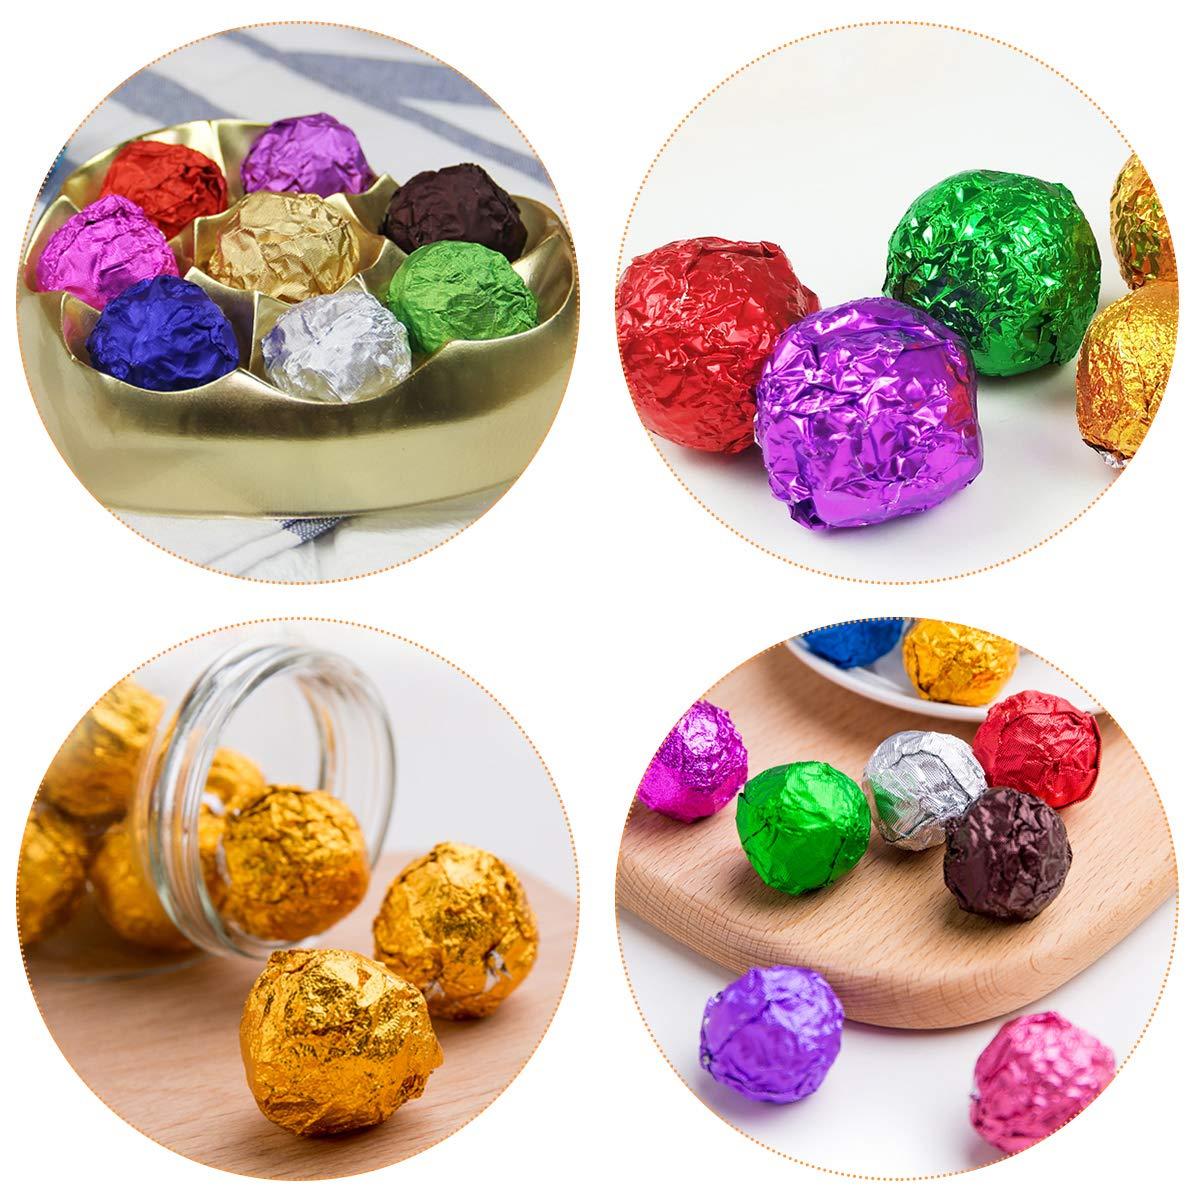 BESTONZON Fogli Carta da Imballaggio in Foglio Alluminio Stagnola Quadrate per Involucri Caramelle Cioccolato 200pcs